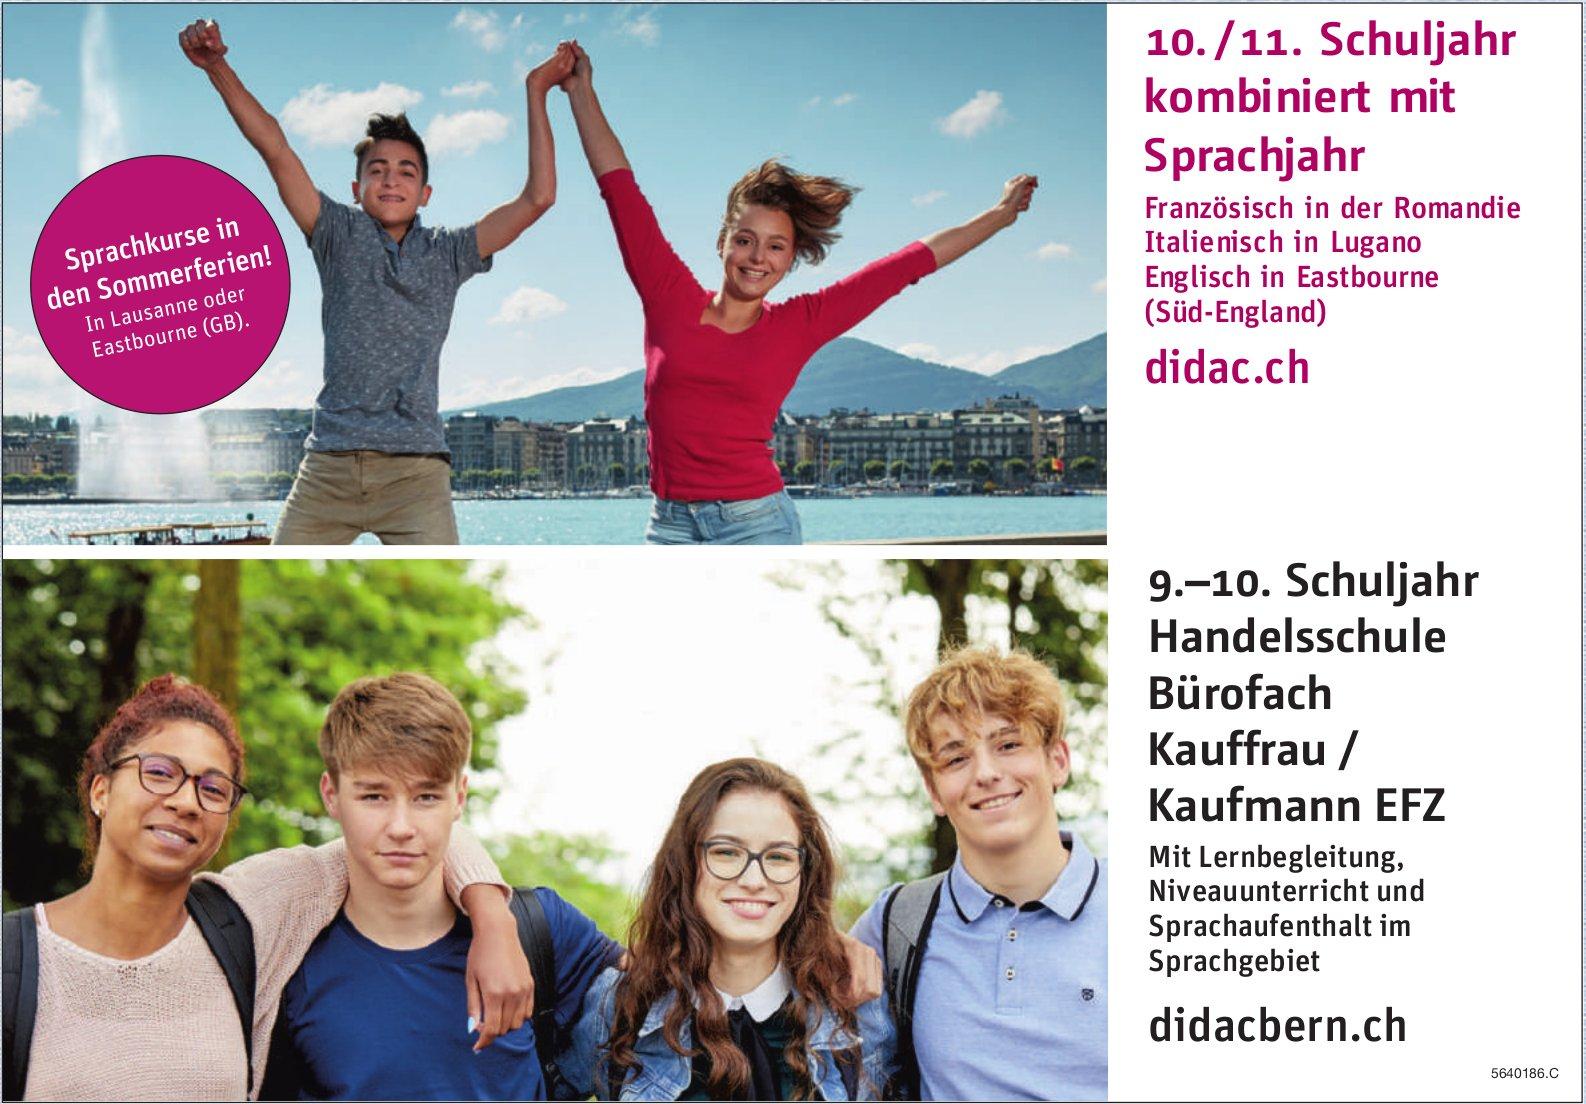 Didac Bern - 10. /11. Schuljahr kombiniert mit Sprachjahr